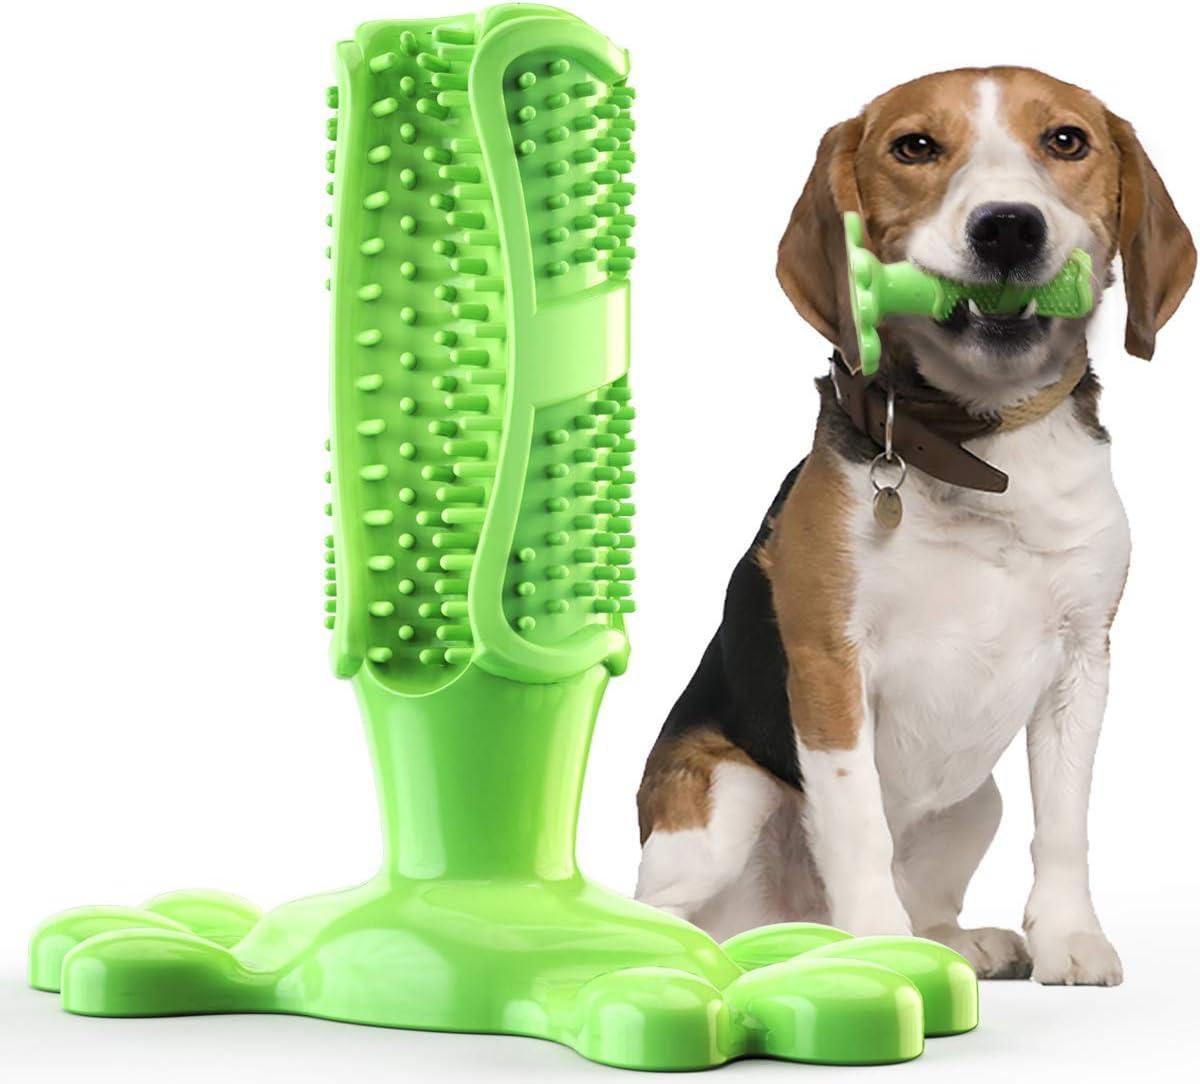 LAOSHIZI Cepillos de Dientes Juguetes Perro Masticar Cuidado Bucal Dental Brushing Stick Verde